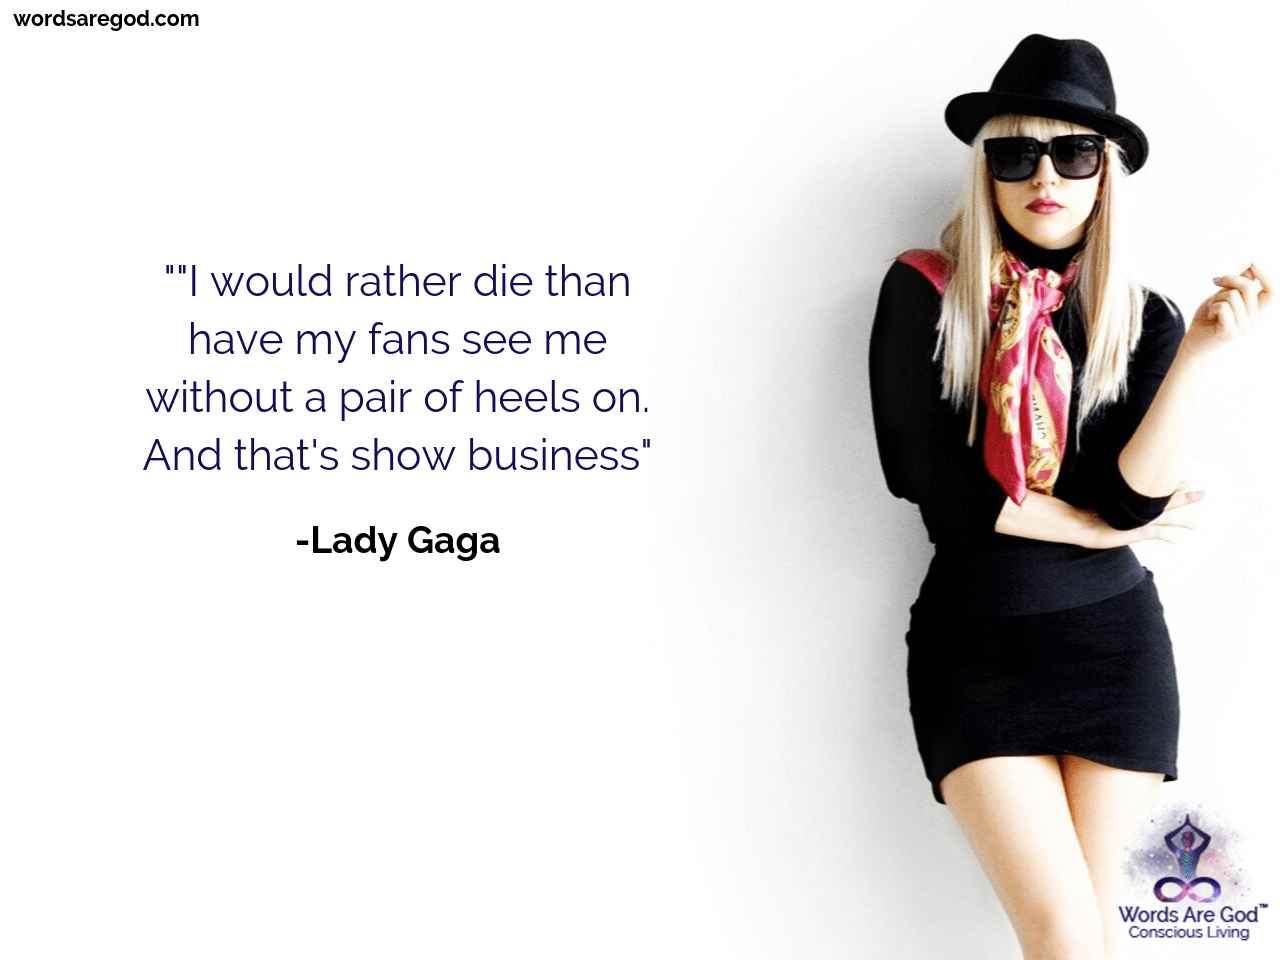 Lady Gaga Life Quote by Lady Gaga